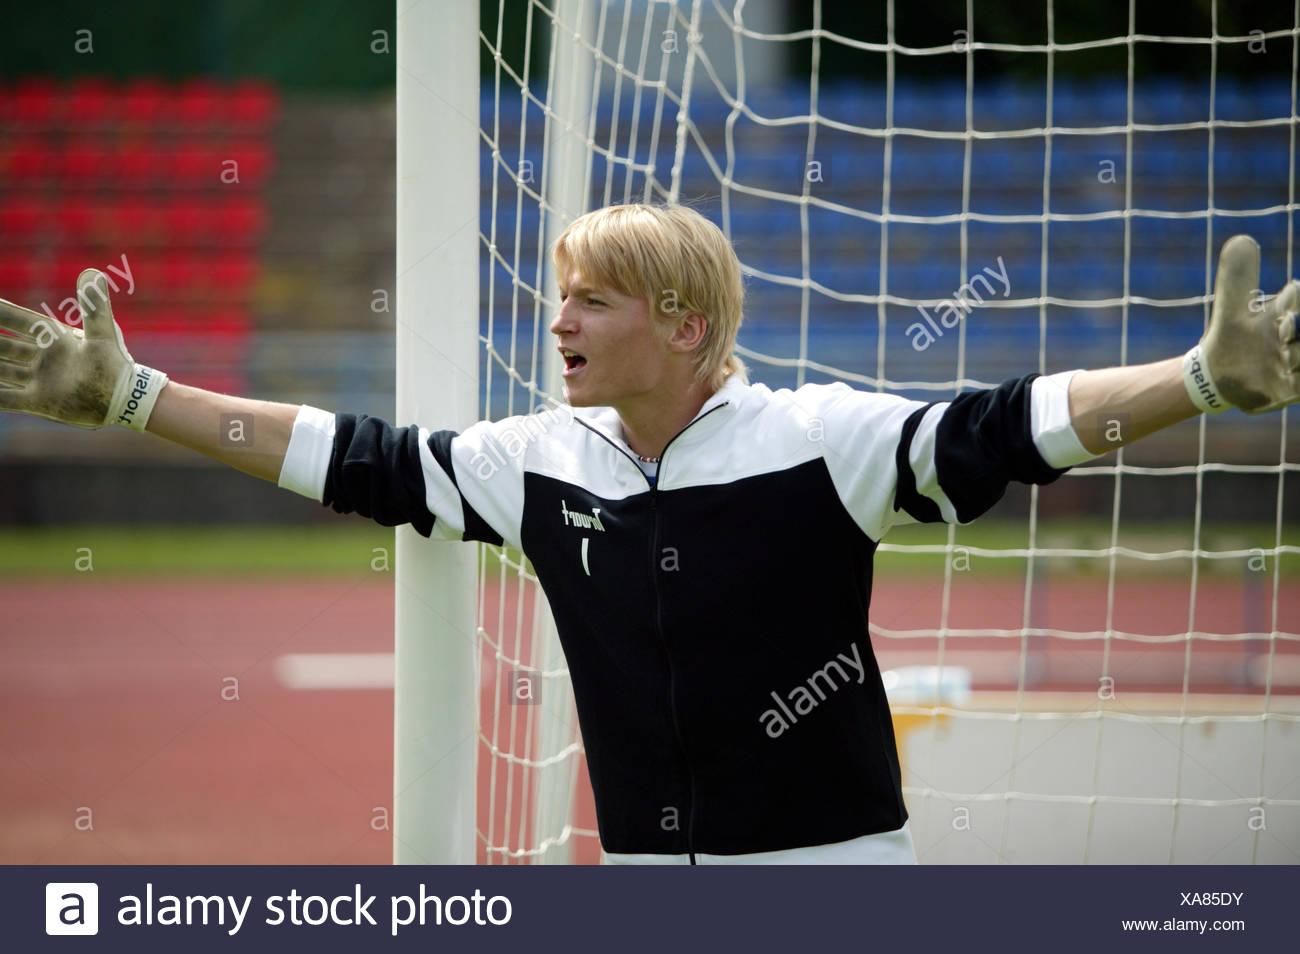 Fu?ball Fussball Spieler Spielszene Torwart Torhueter Keeper Gestik Anfeuern Anweisen Ballspiel Mannschaftssport Fussballspiel K - Stock Image